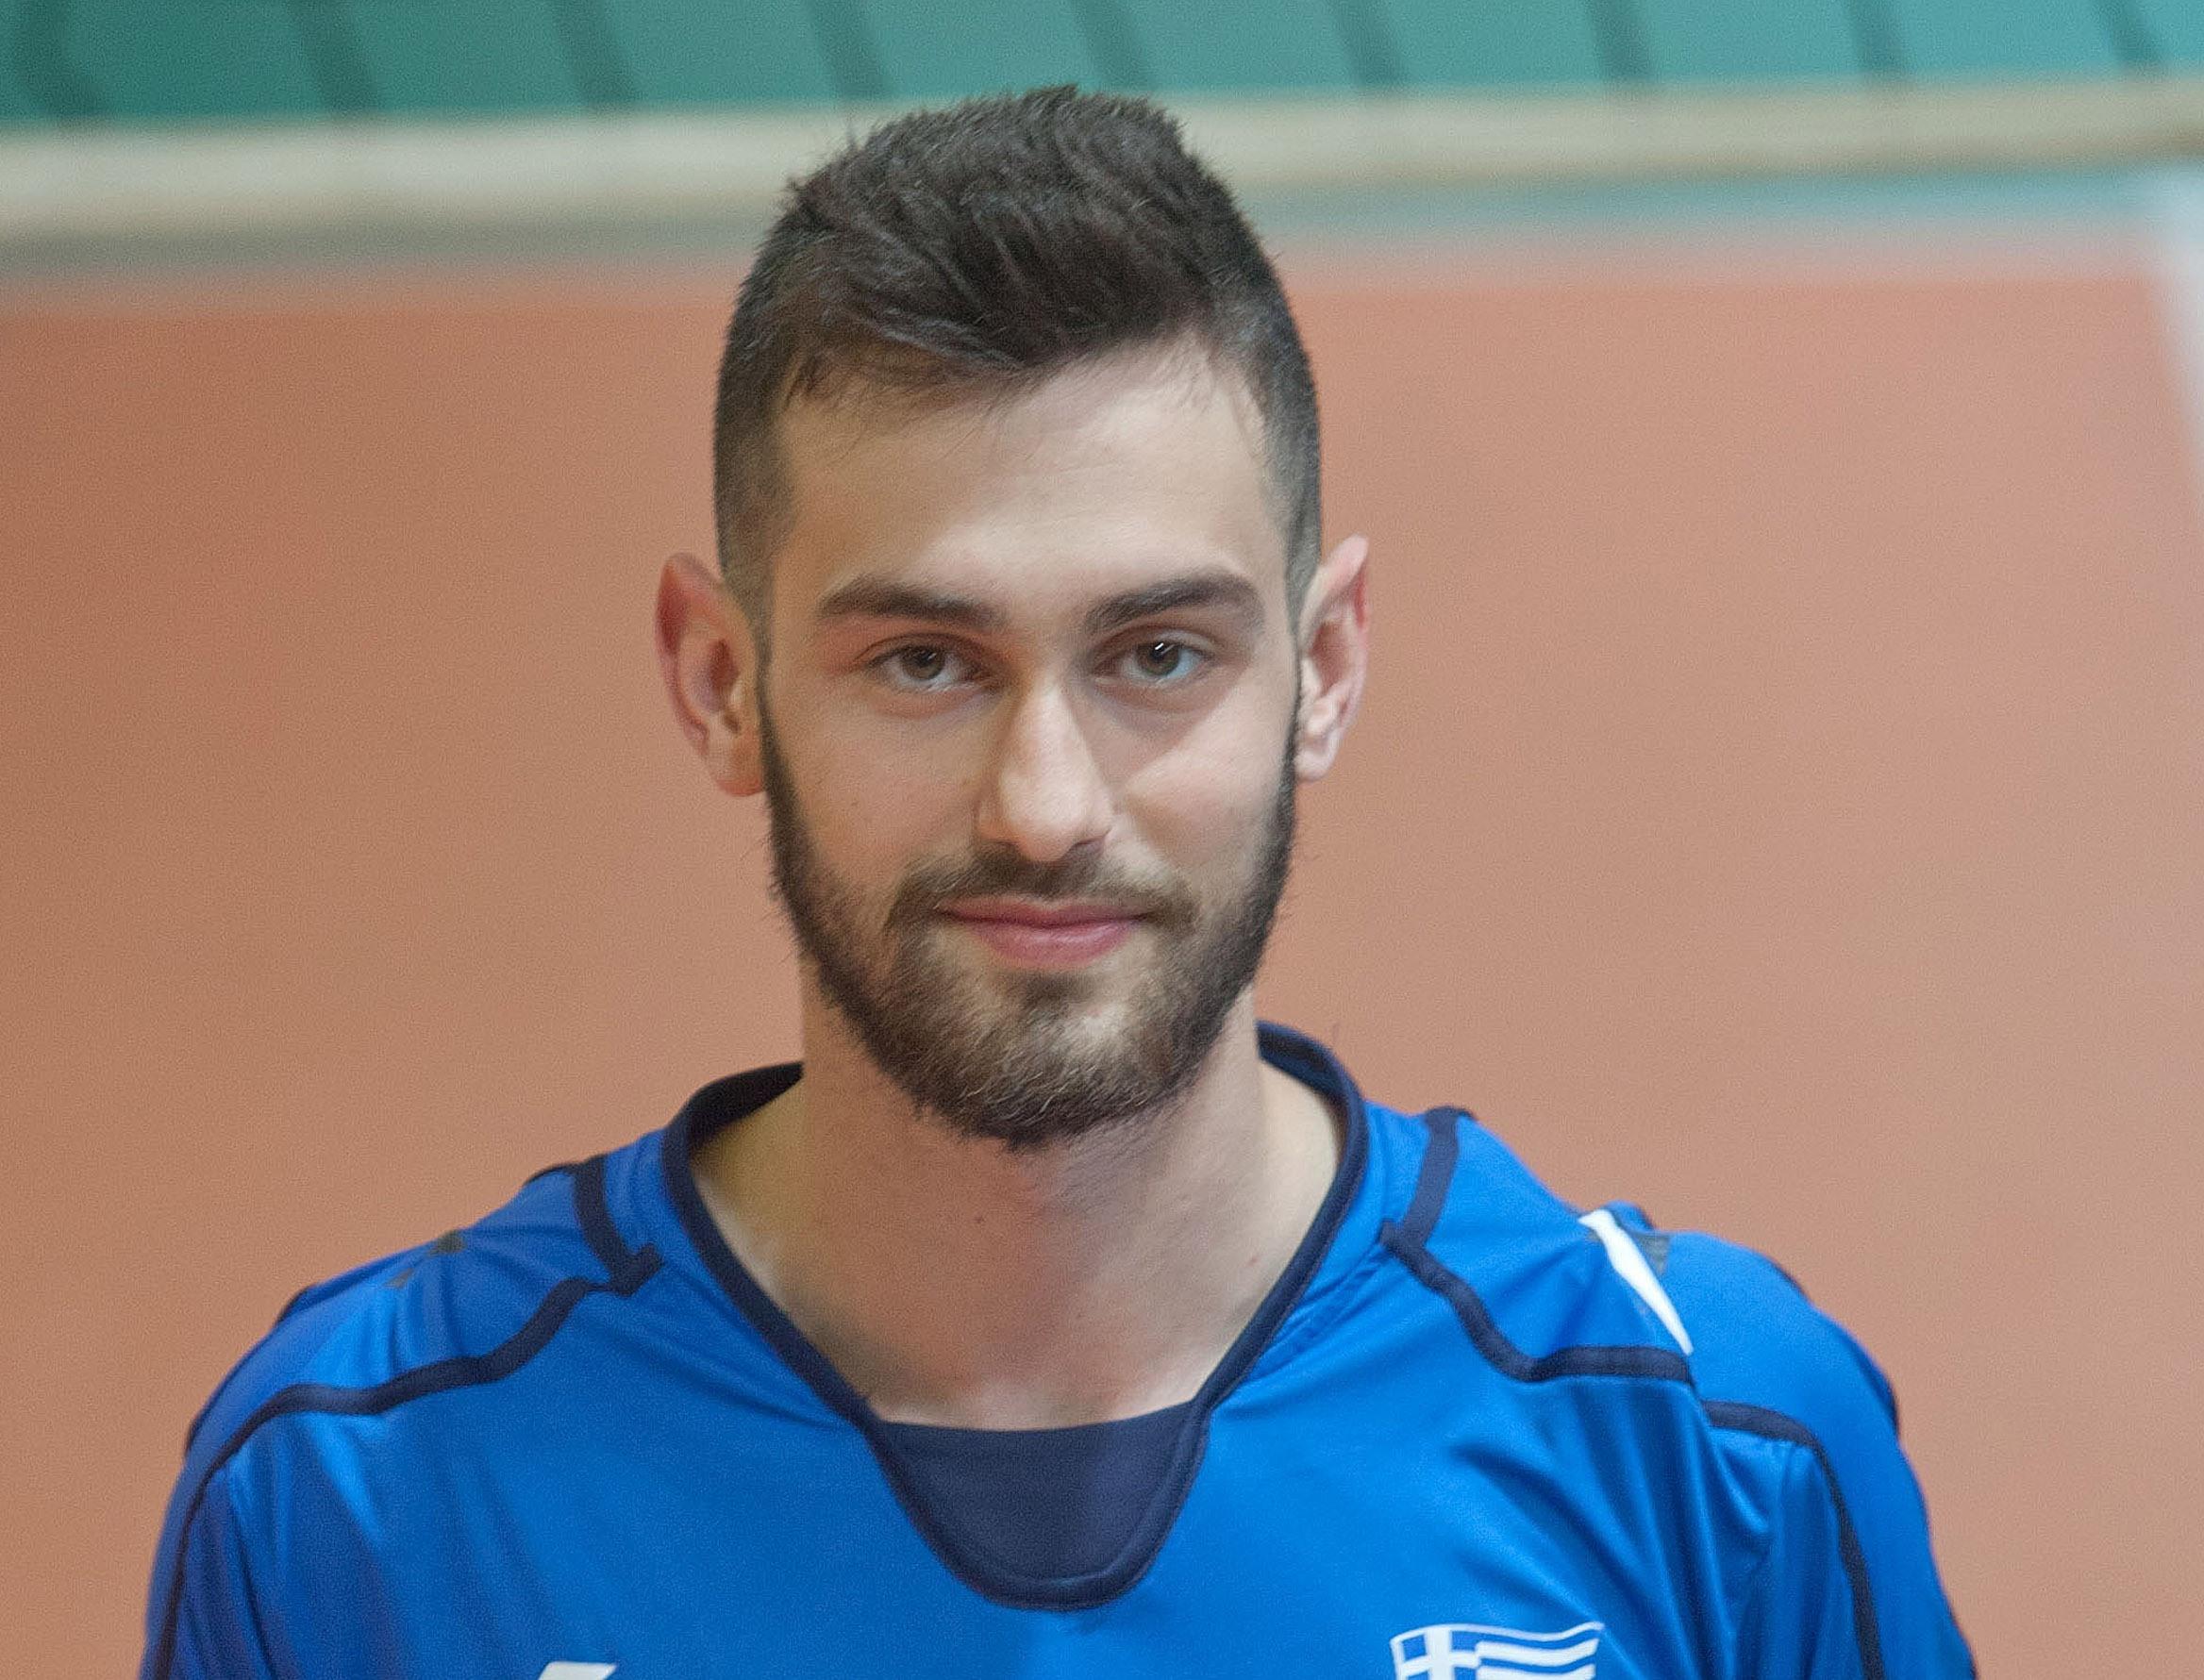 Rafail Koumentakis